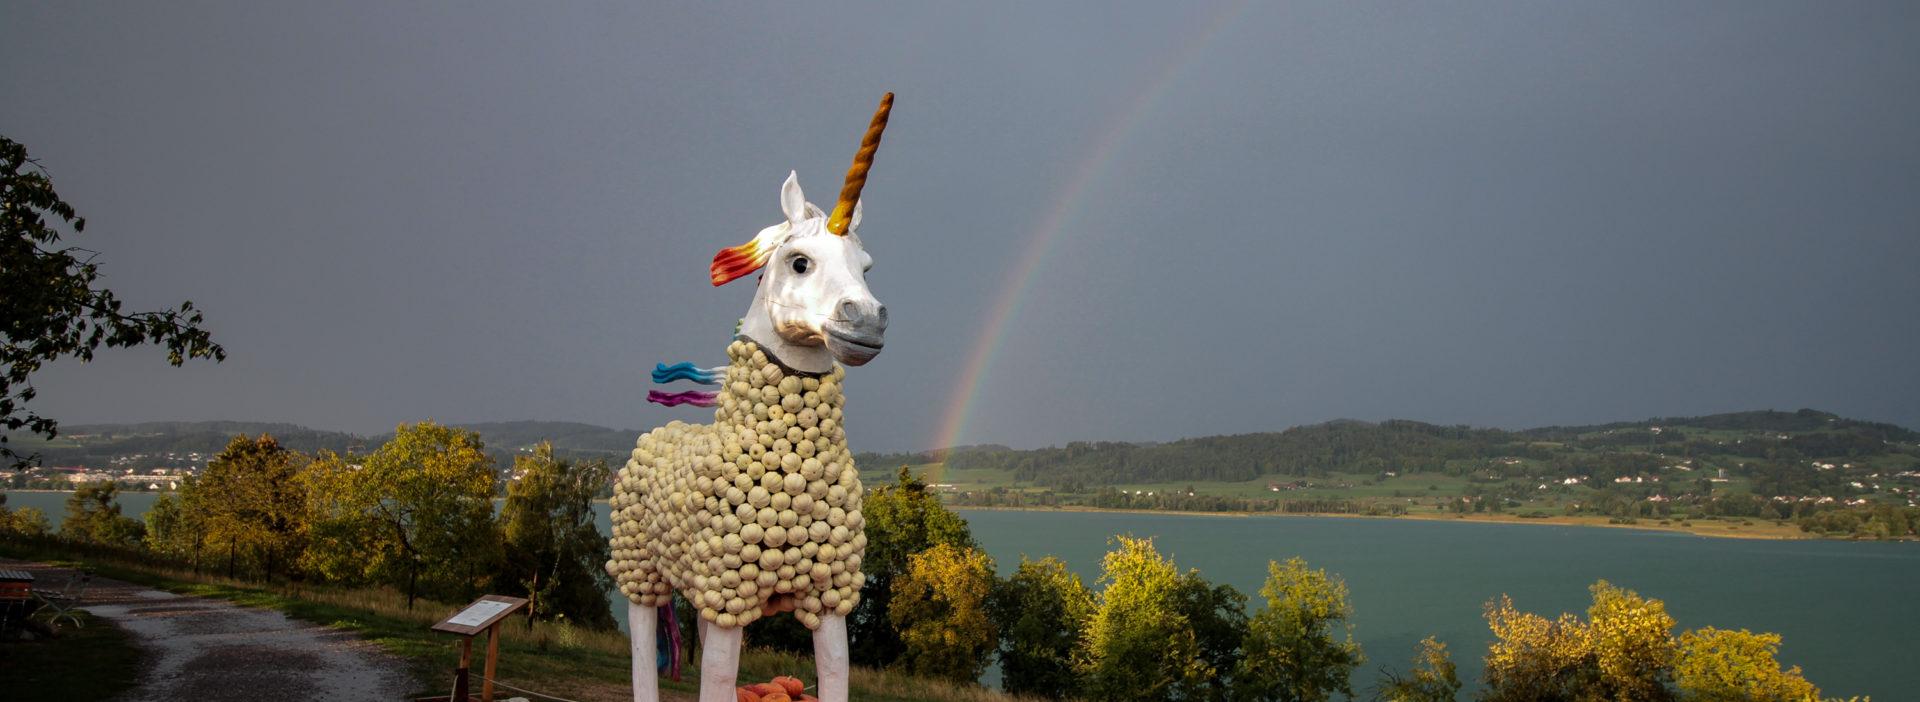 Kürbiseinhorn mit Regenbogen